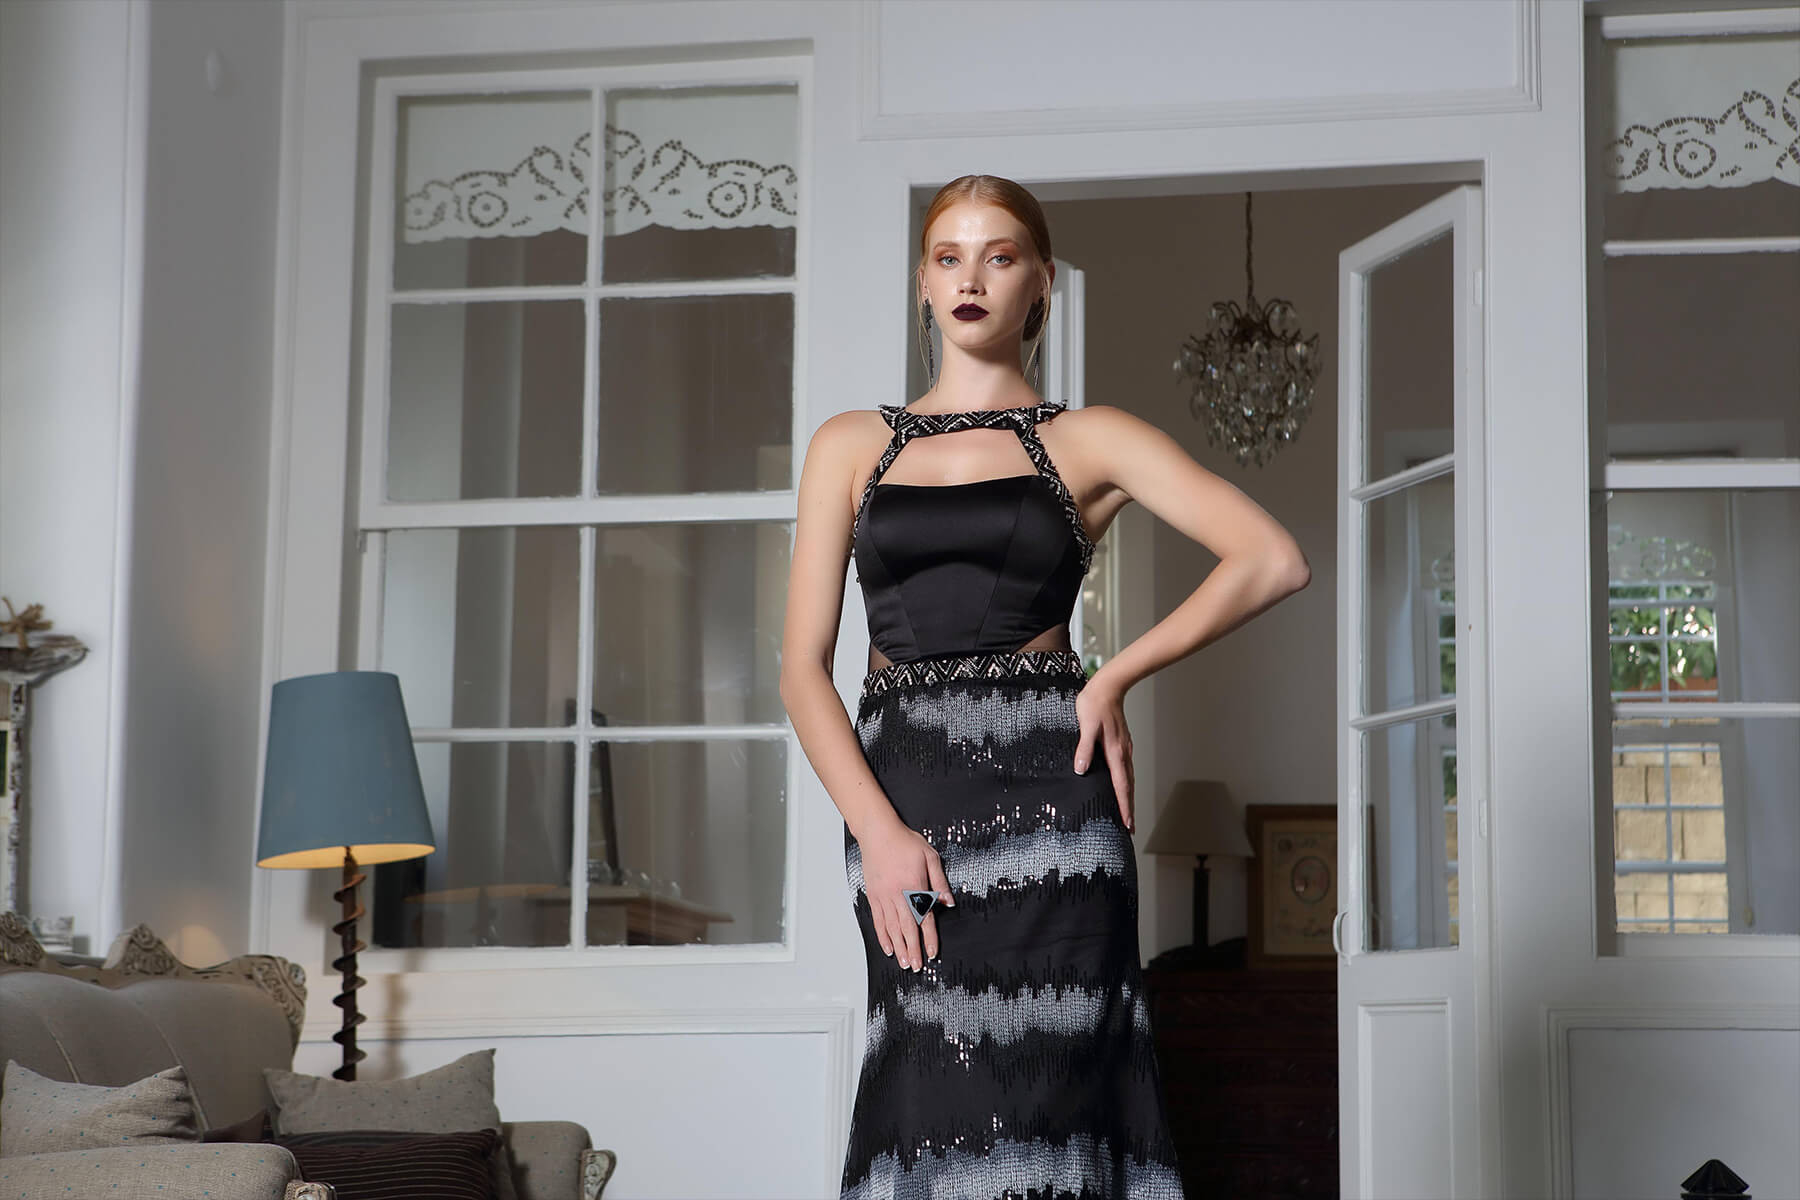 13 Spektakulär Abendkleider Wiesbaden Bester PreisDesigner Schön Abendkleider Wiesbaden Stylish